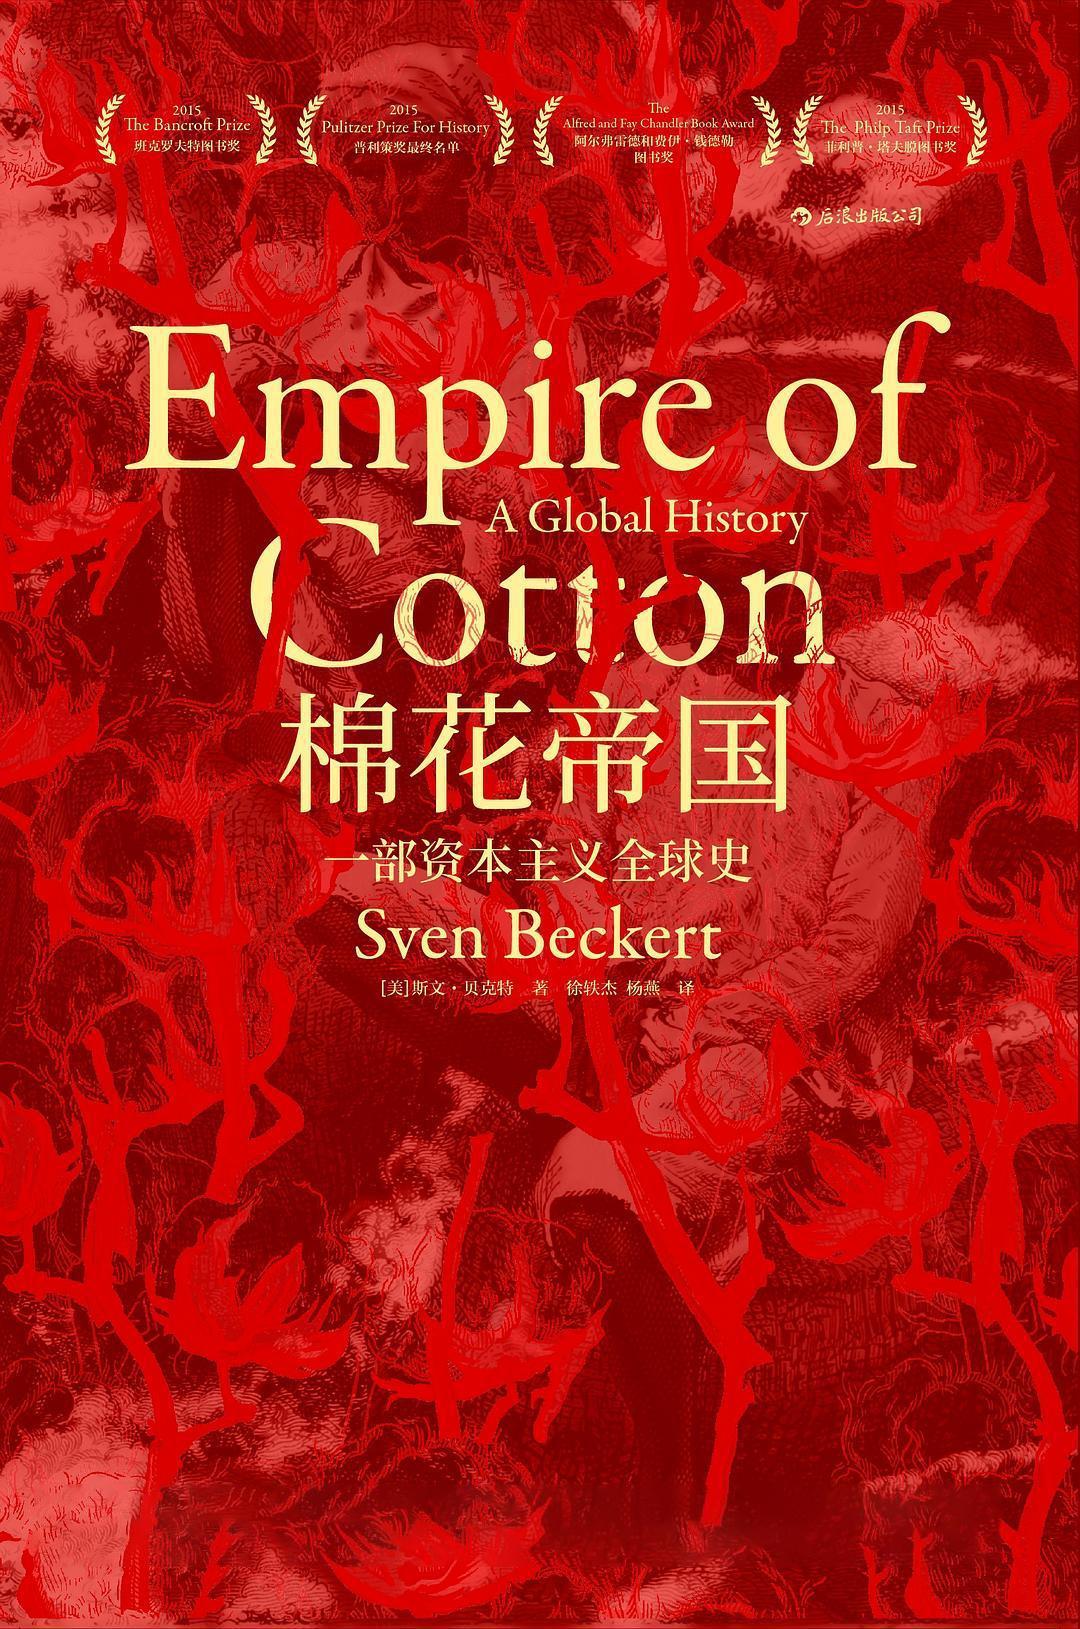 棉花帝国:一本资本主义全球史『太空周荐好书』(42)